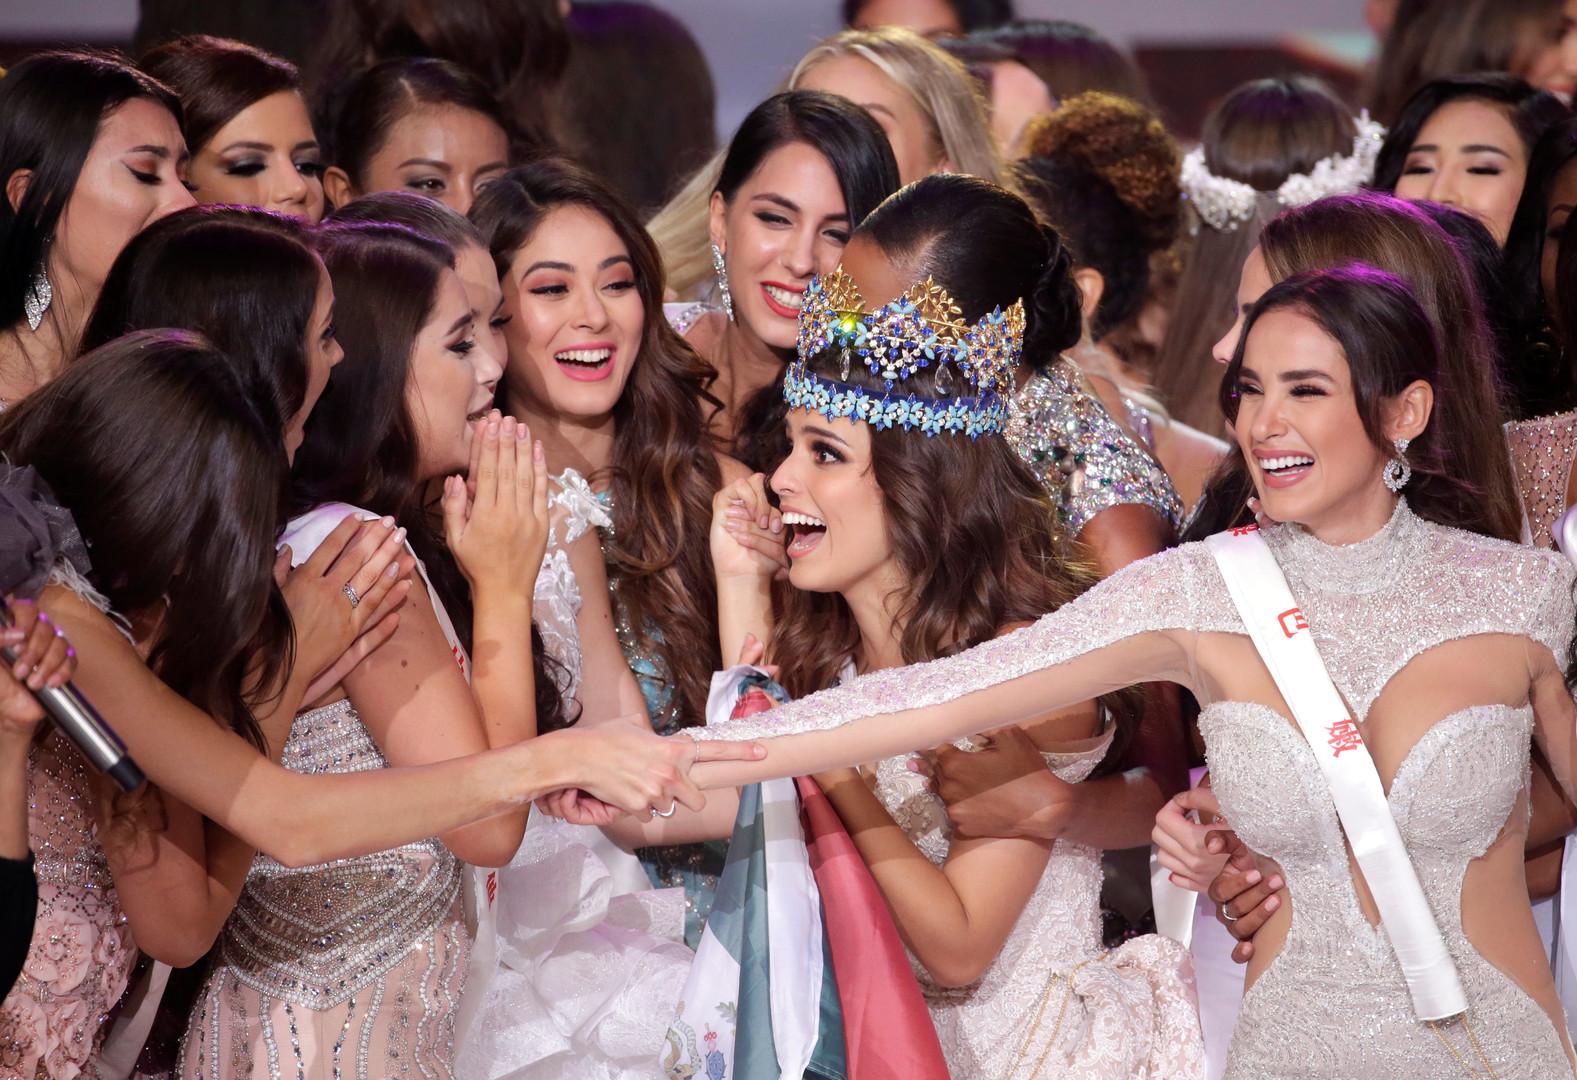 بالصور.. 118 فتاة تنافسن على لقب ملكة جمال العالم والفائزة مكسيكية!